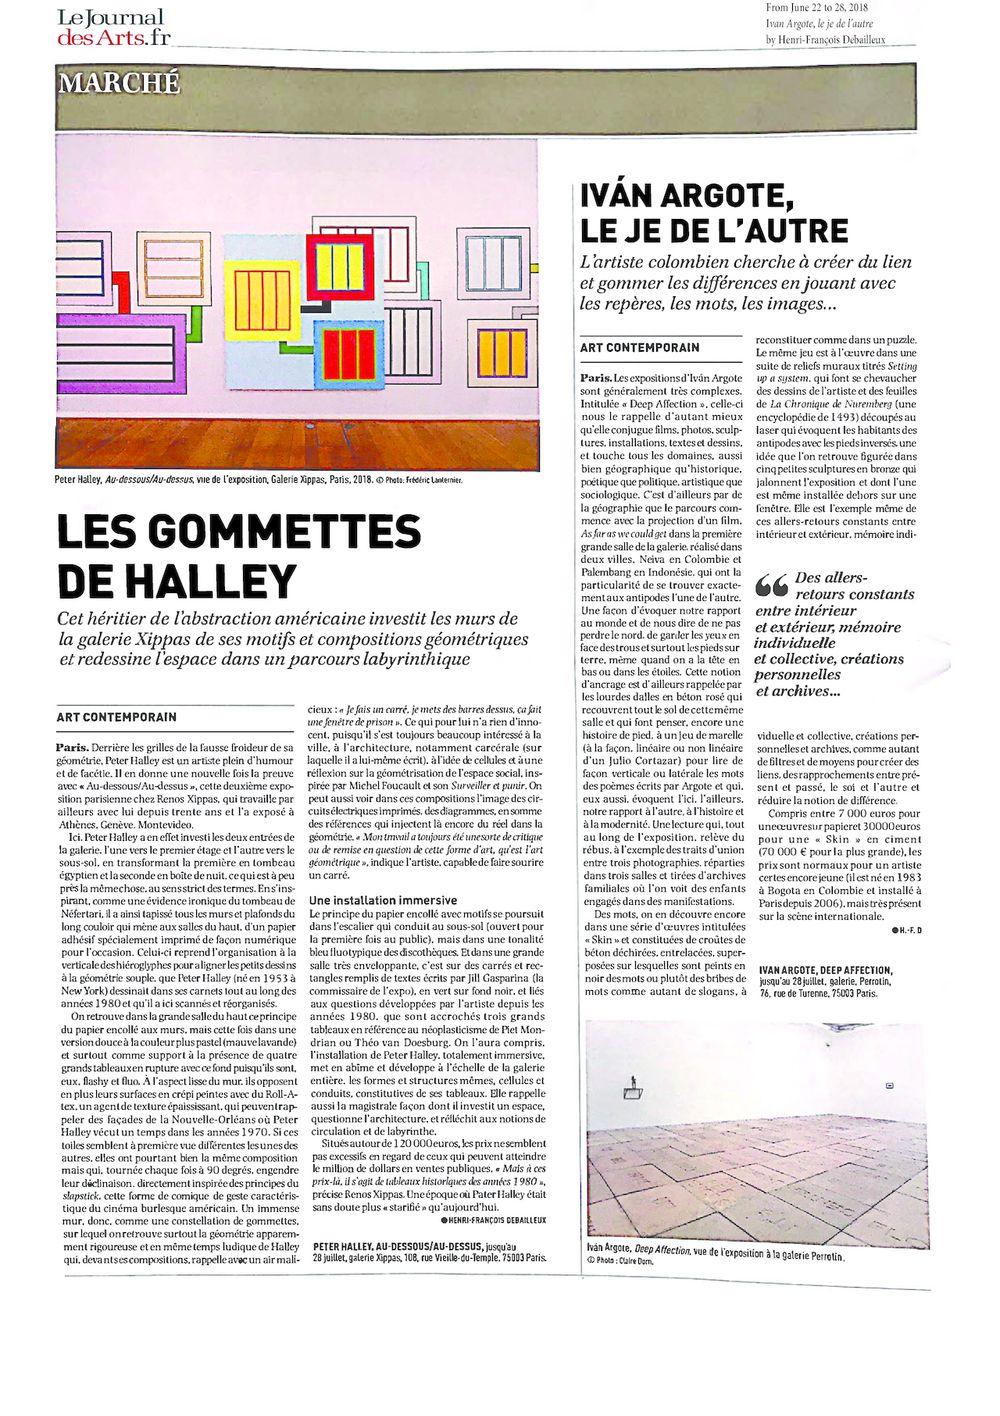 Le Journal des Arts | Iván ARGOTE